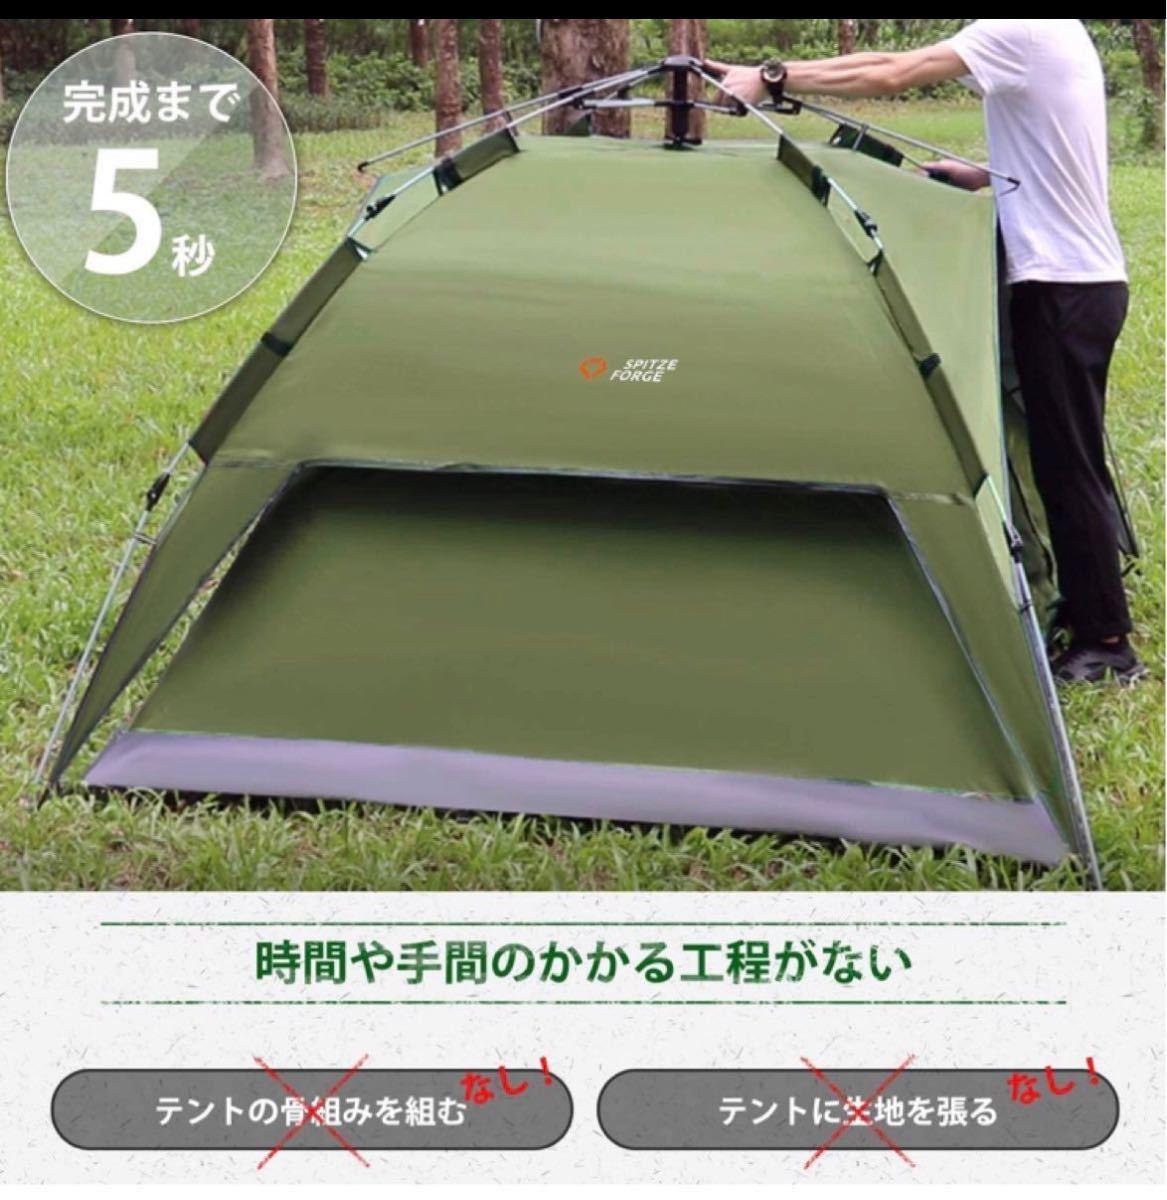 ワンタッチテント 2-3人用 2重層 キャンプ テントアトミーグリーン